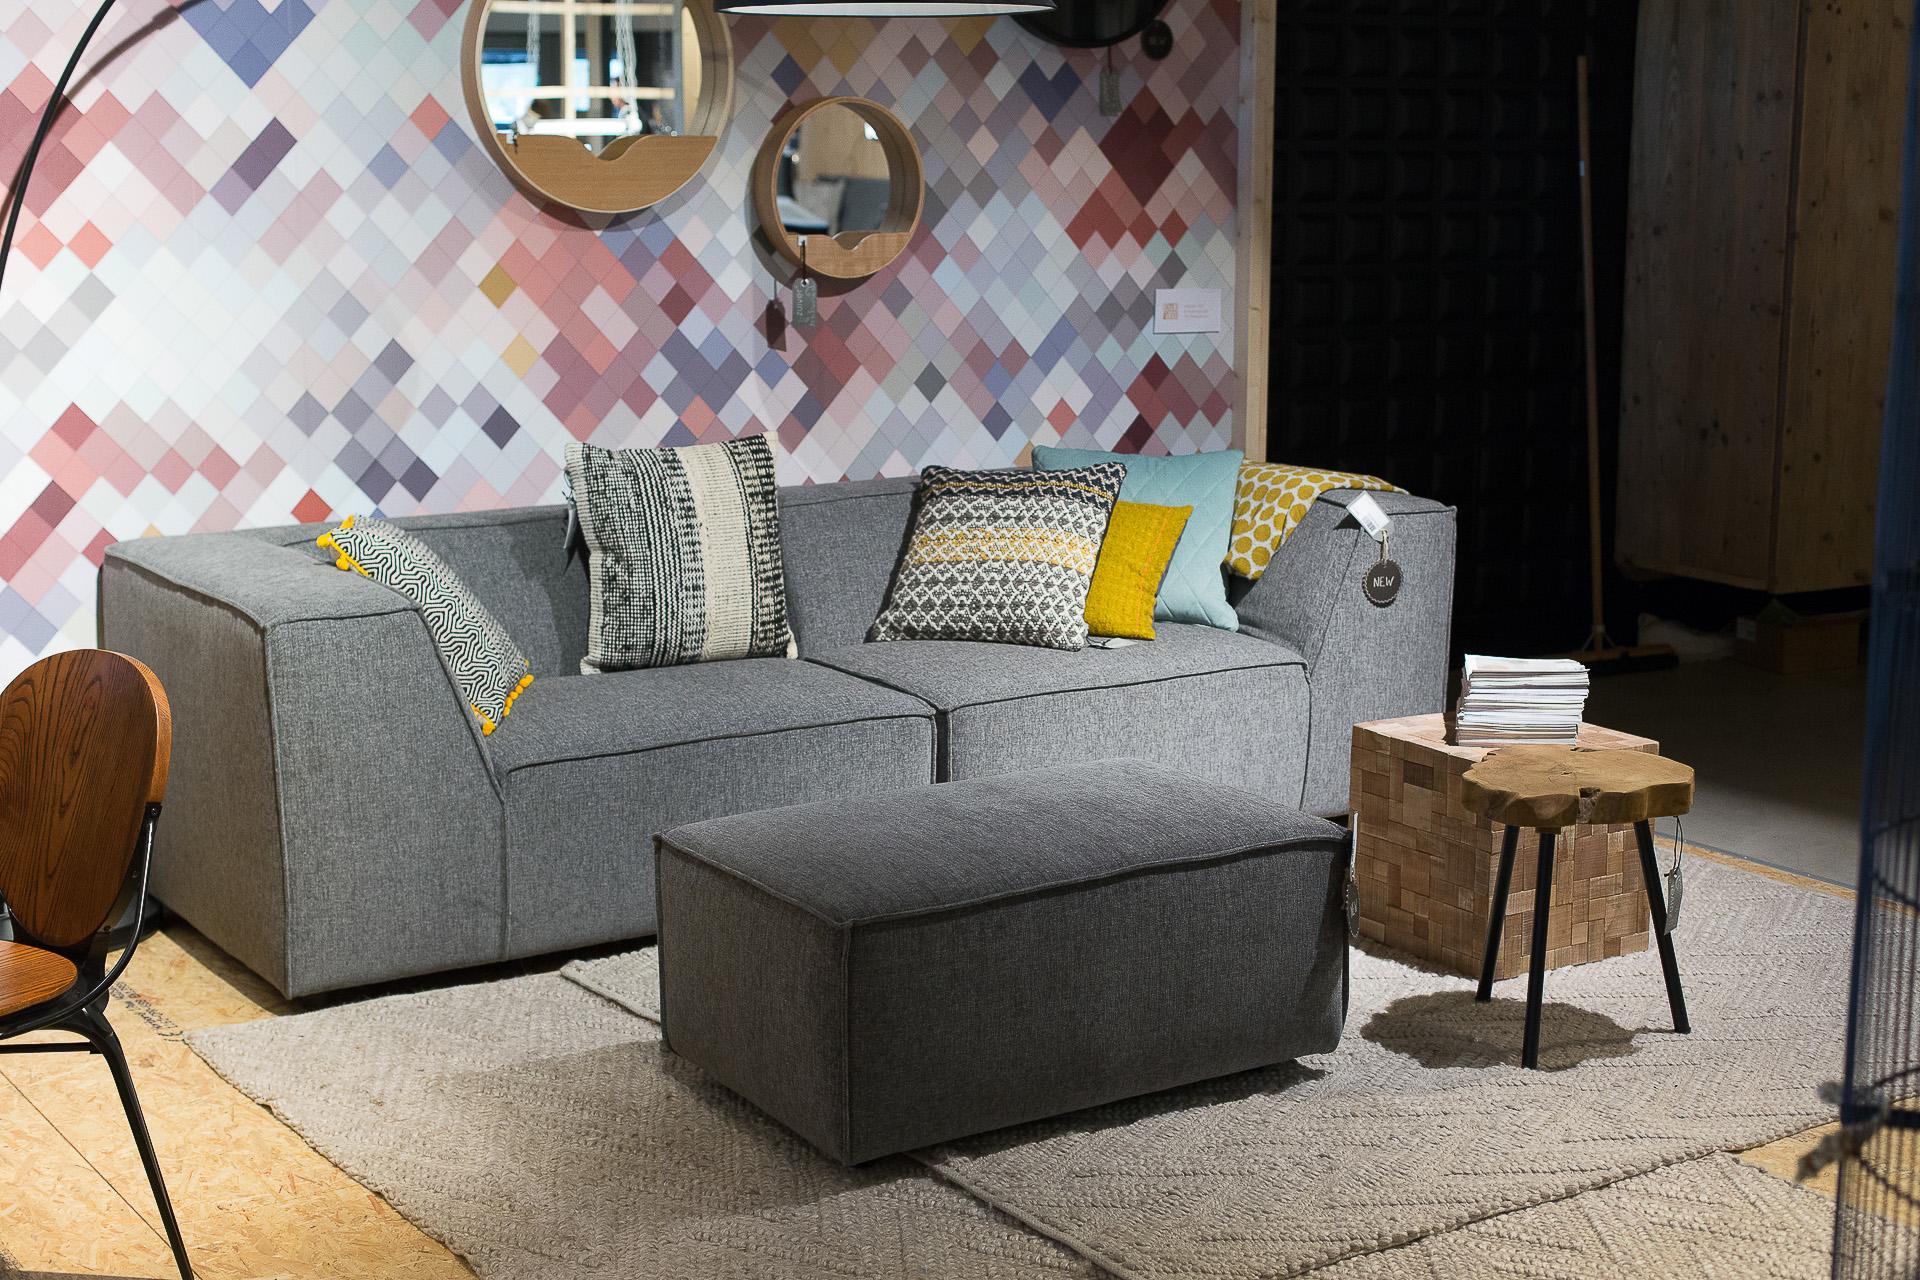 Inneneinrichtung Heidelberg, Mannheim, Stuttgart - Gaffga Interieur Design - Moebel von Zuiver, Sofa in grau mit Holztisch